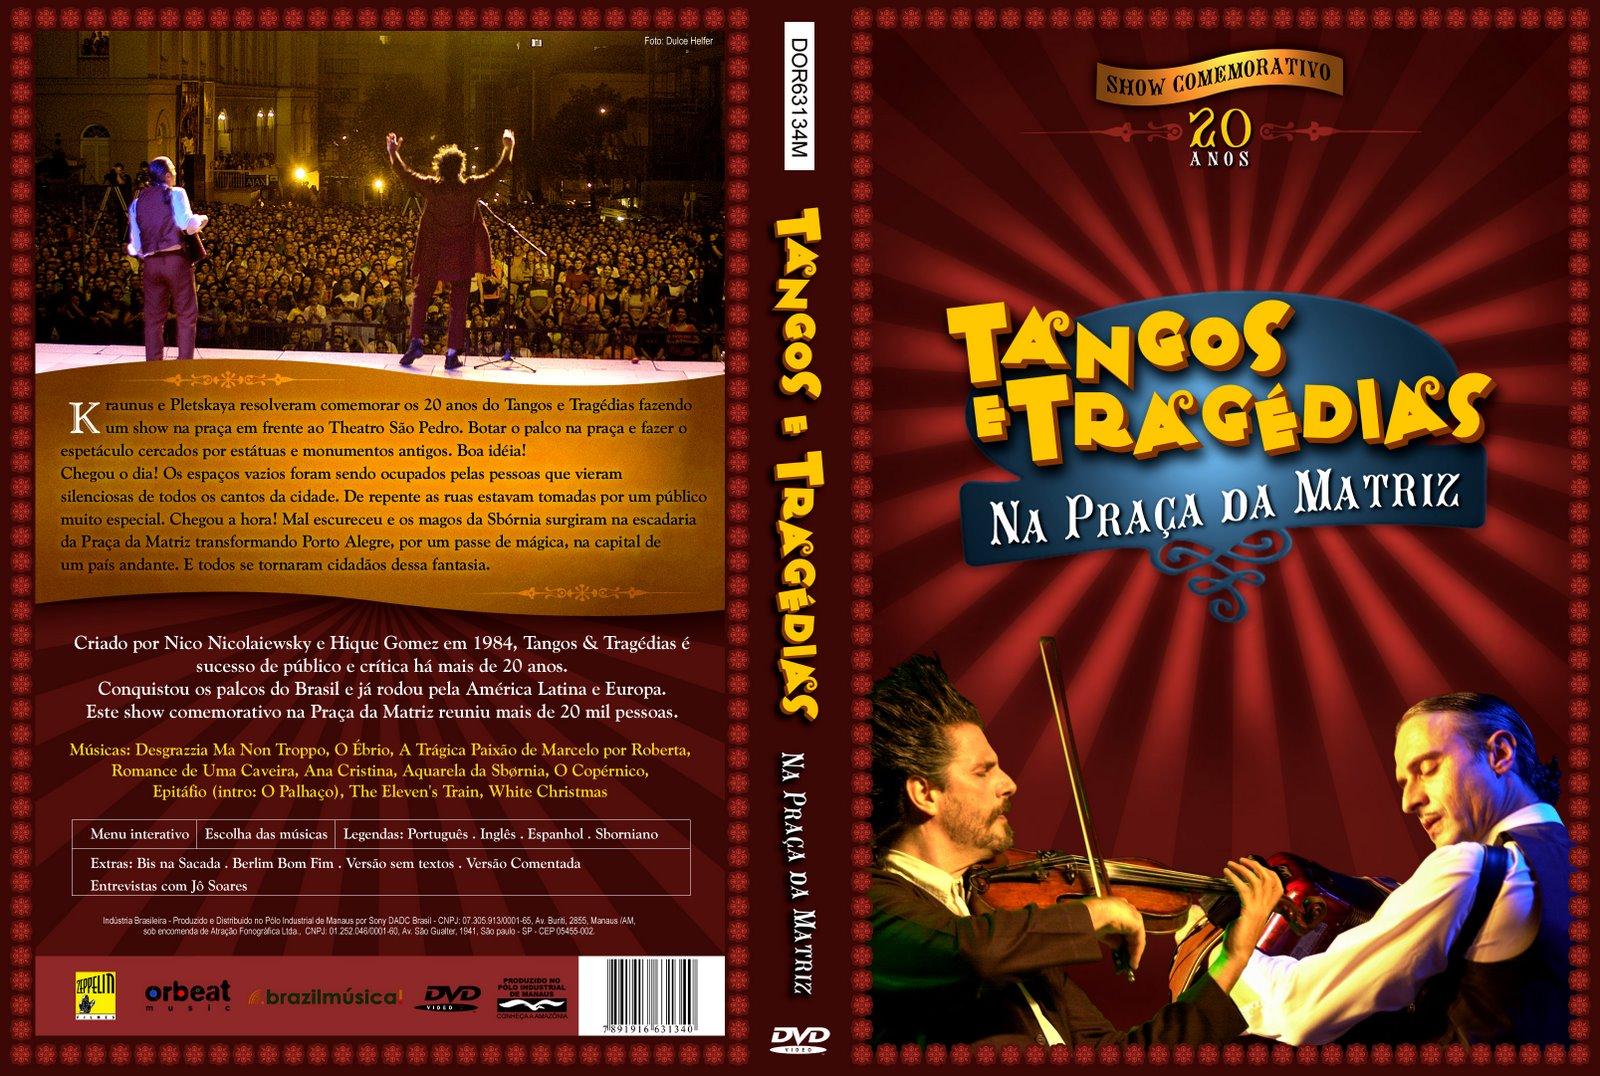 Resultado de imagem para Tangos E Tragédias - Na Praça Da Matriz dvd